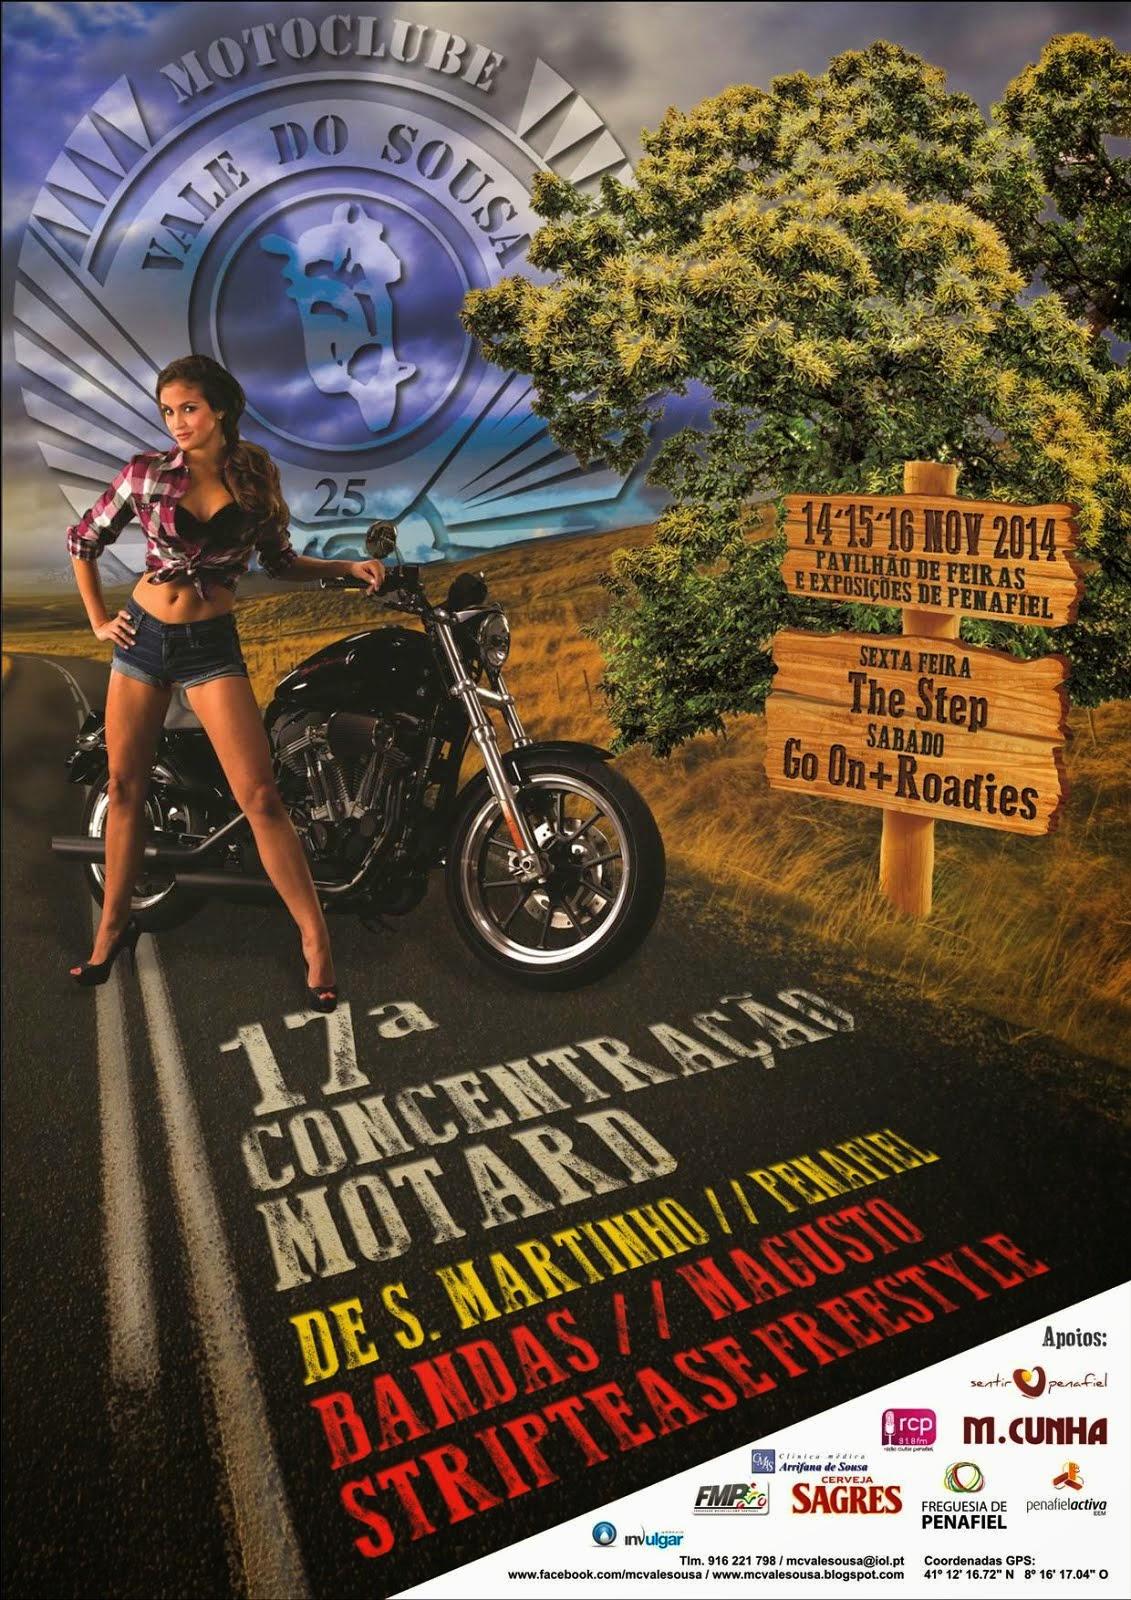 14-15-16 Nv. 14 XVII Concentração de S. Martinho Moto Clube Vale do Sousa